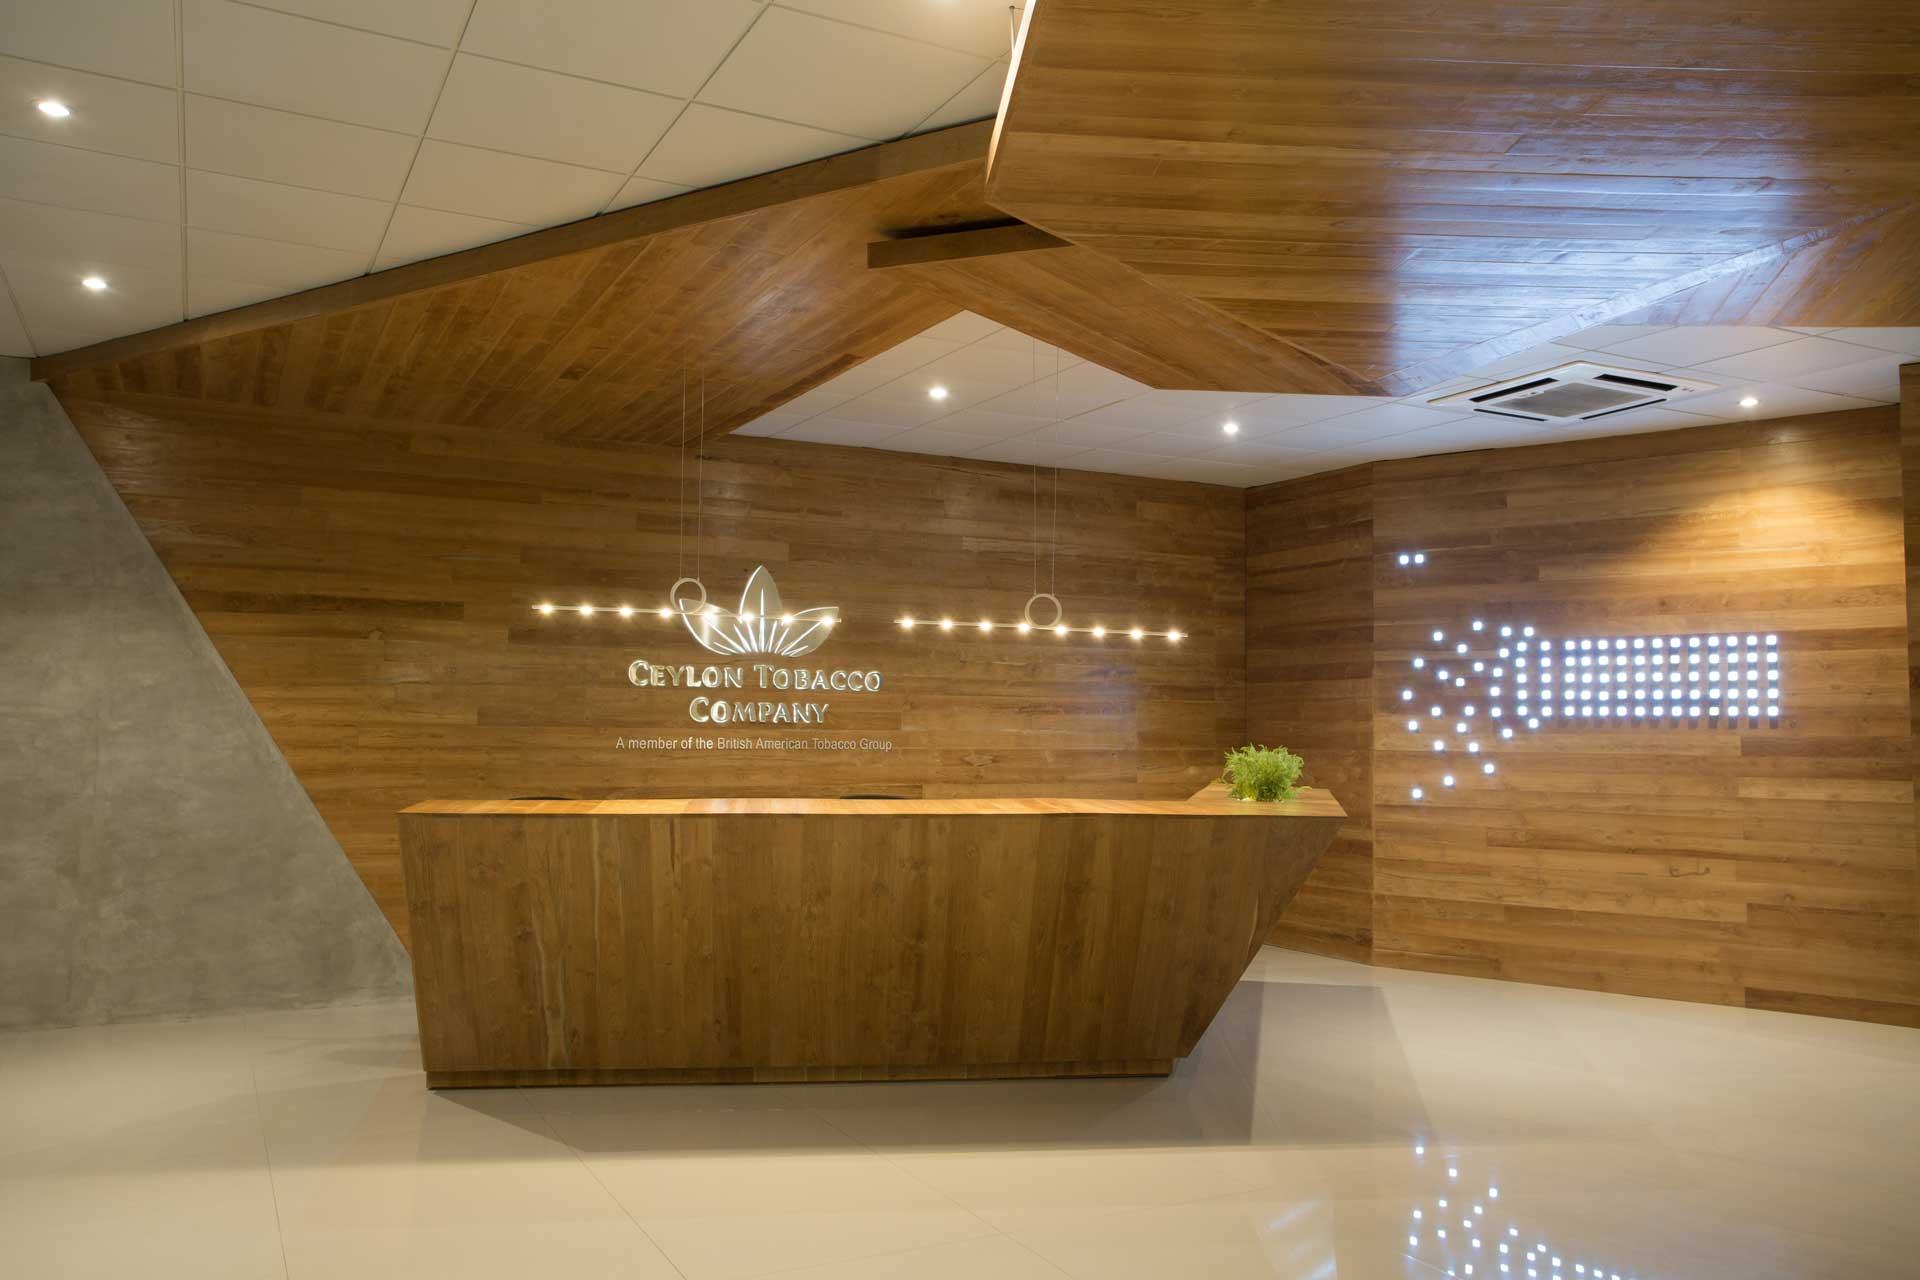 Ceylon Tobacco Company Image 01| Corporate Interior Design